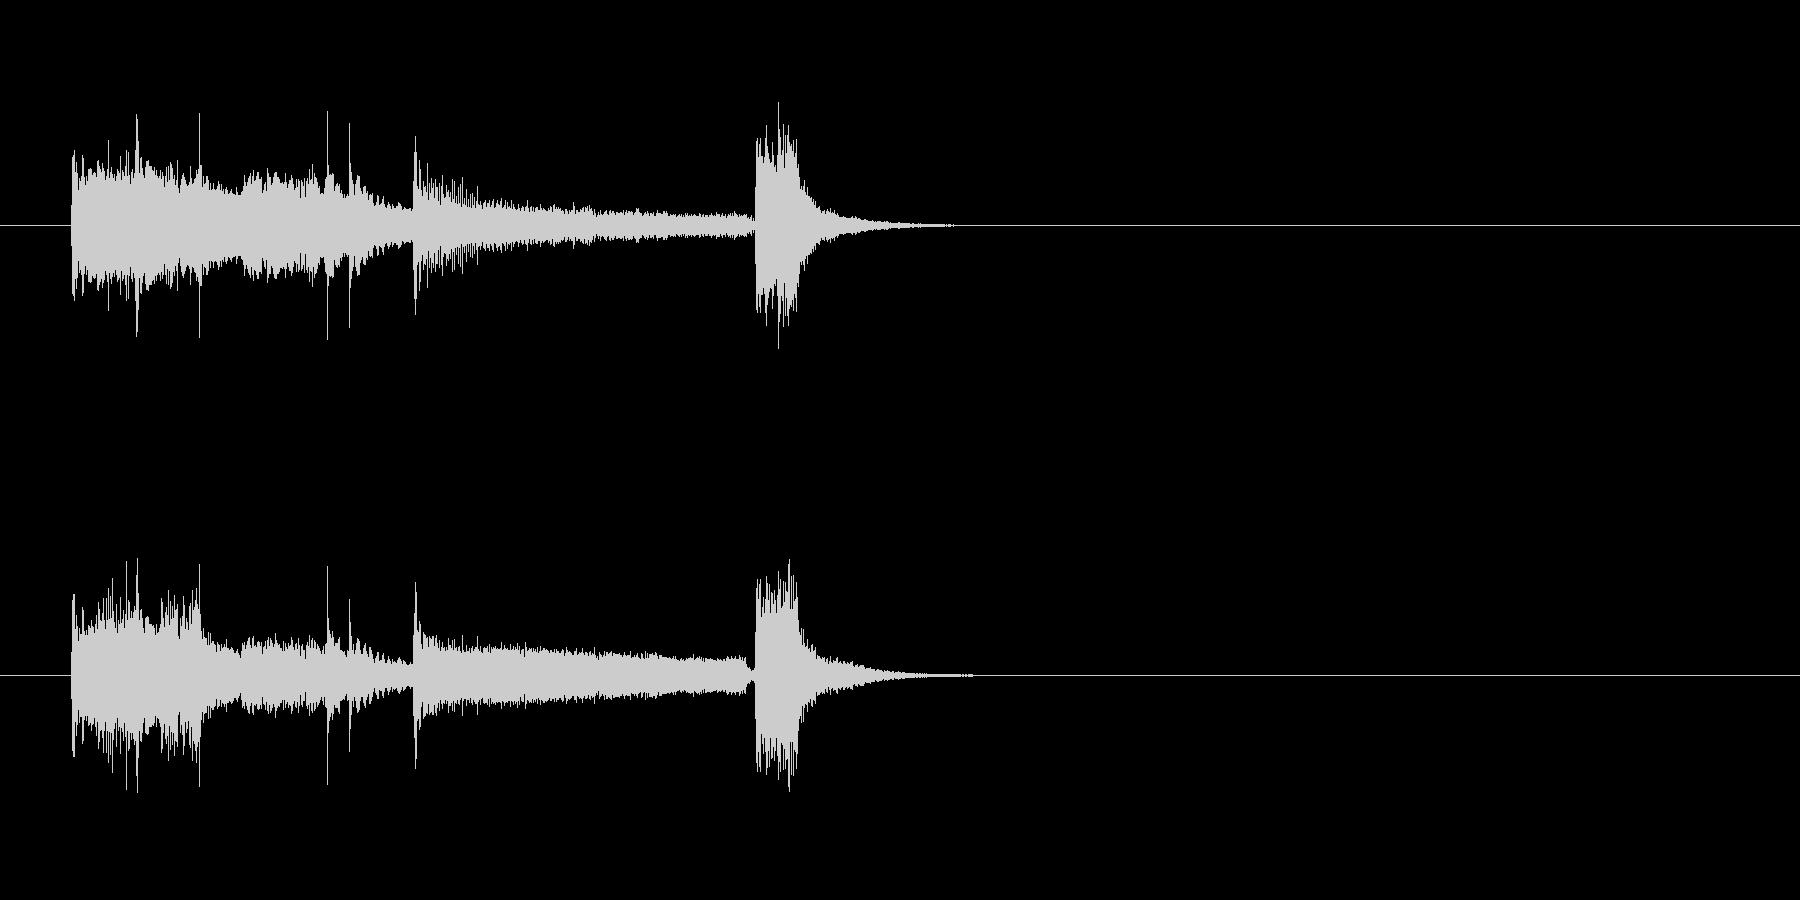 コミカル/おちゃらけものジングルの未再生の波形